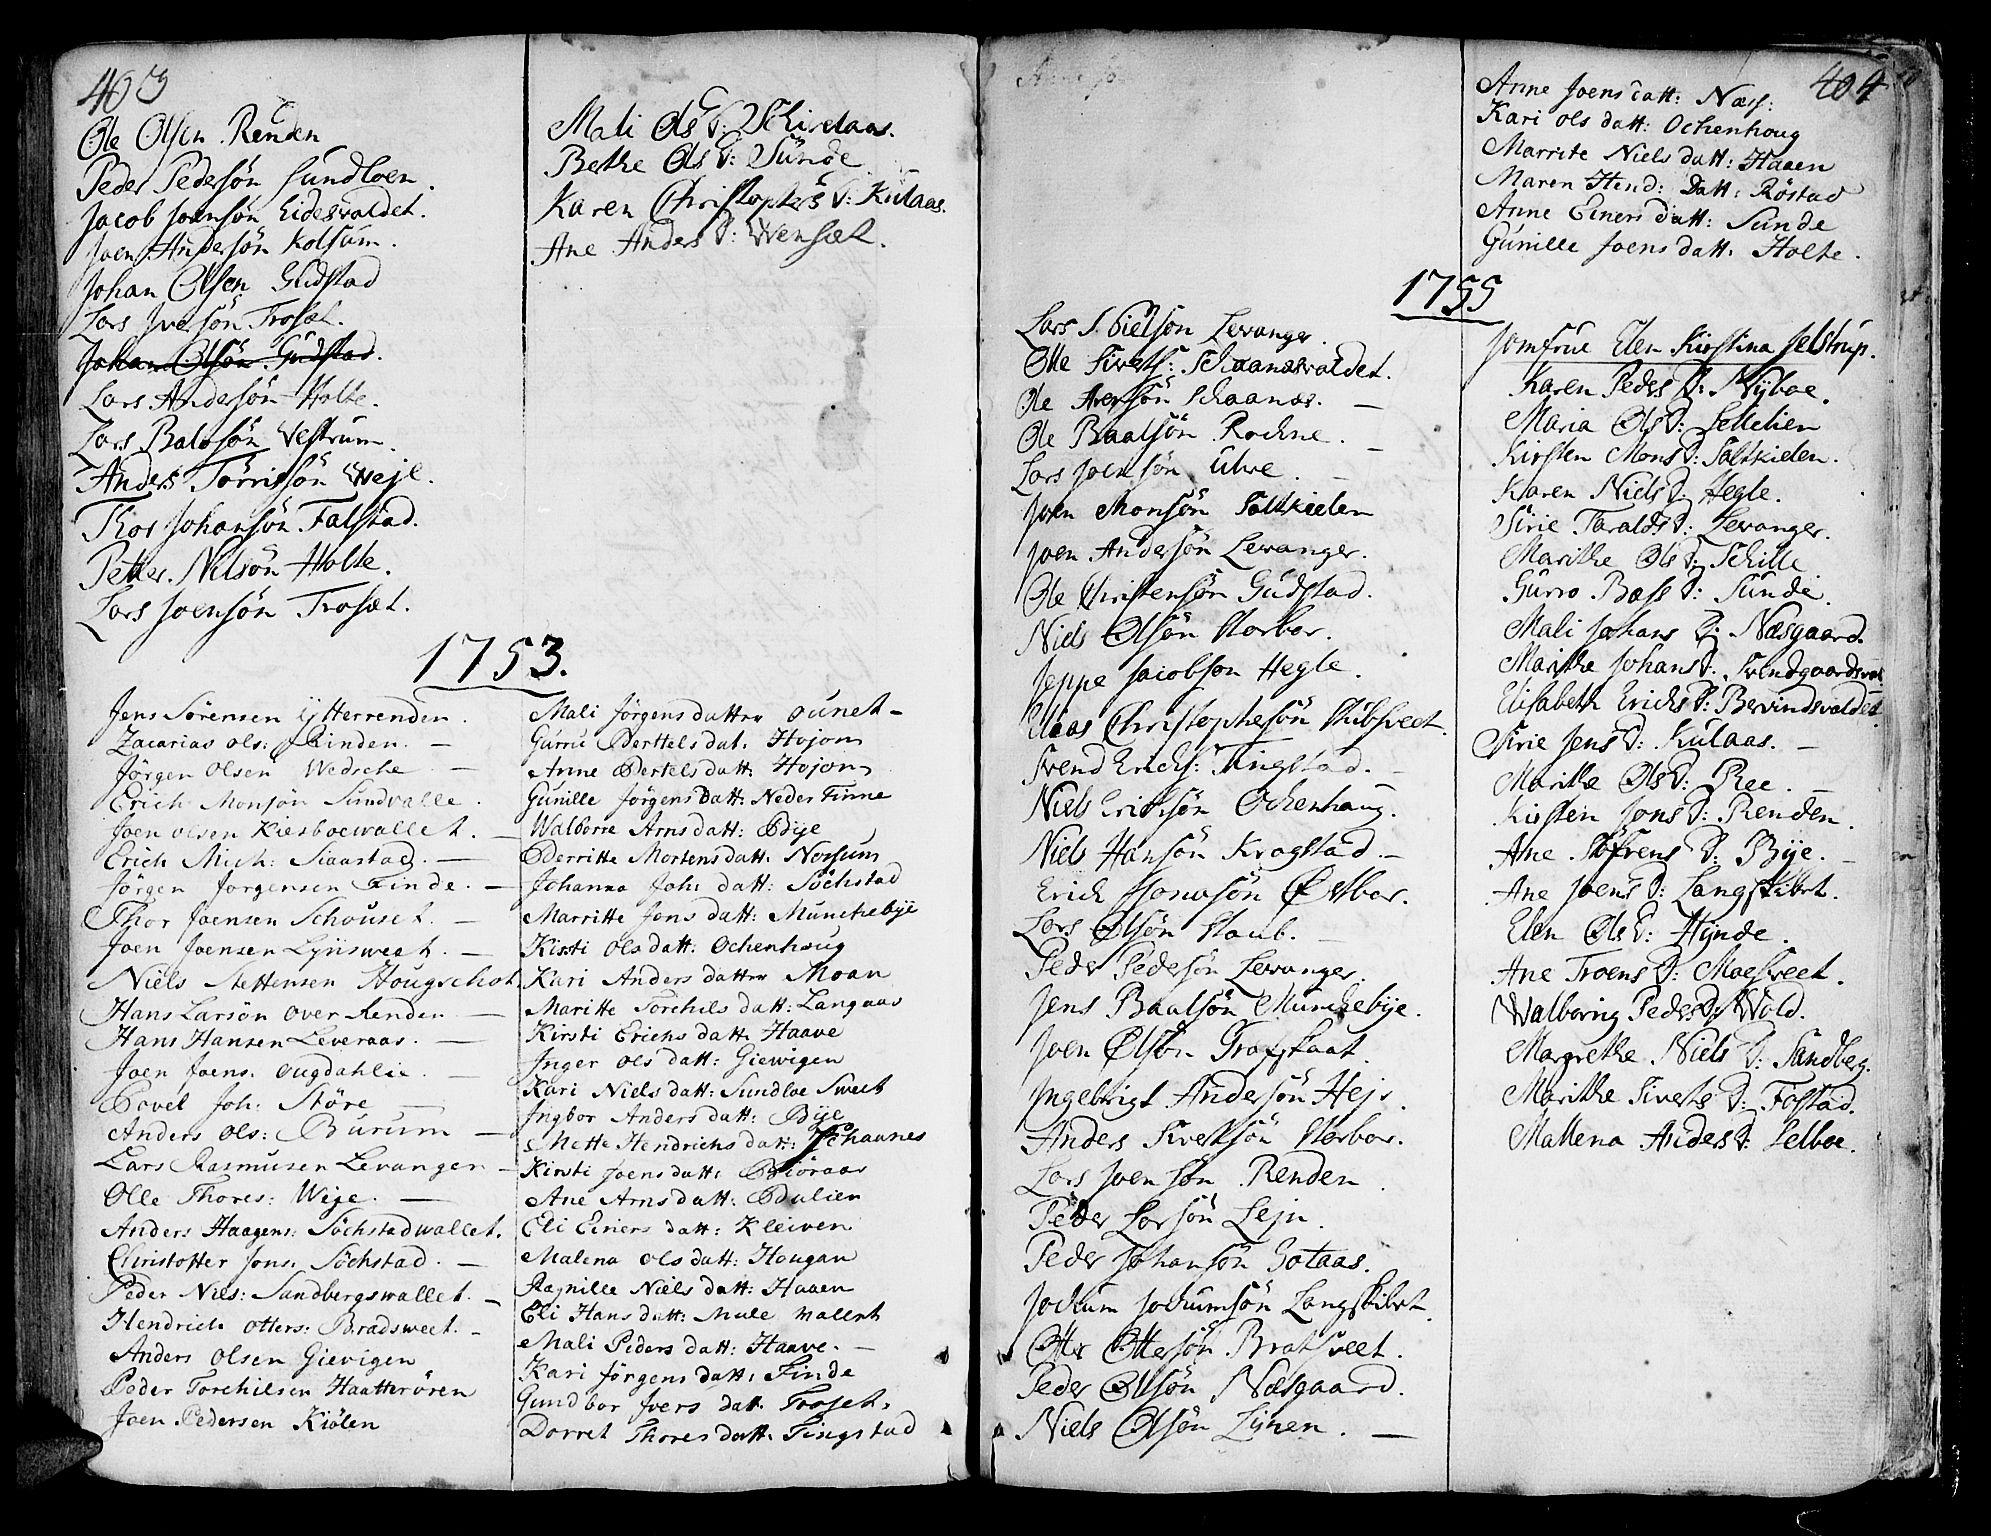 SAT, Ministerialprotokoller, klokkerbøker og fødselsregistre - Nord-Trøndelag, 717/L0141: Ministerialbok nr. 717A01, 1747-1803, s. 403-404